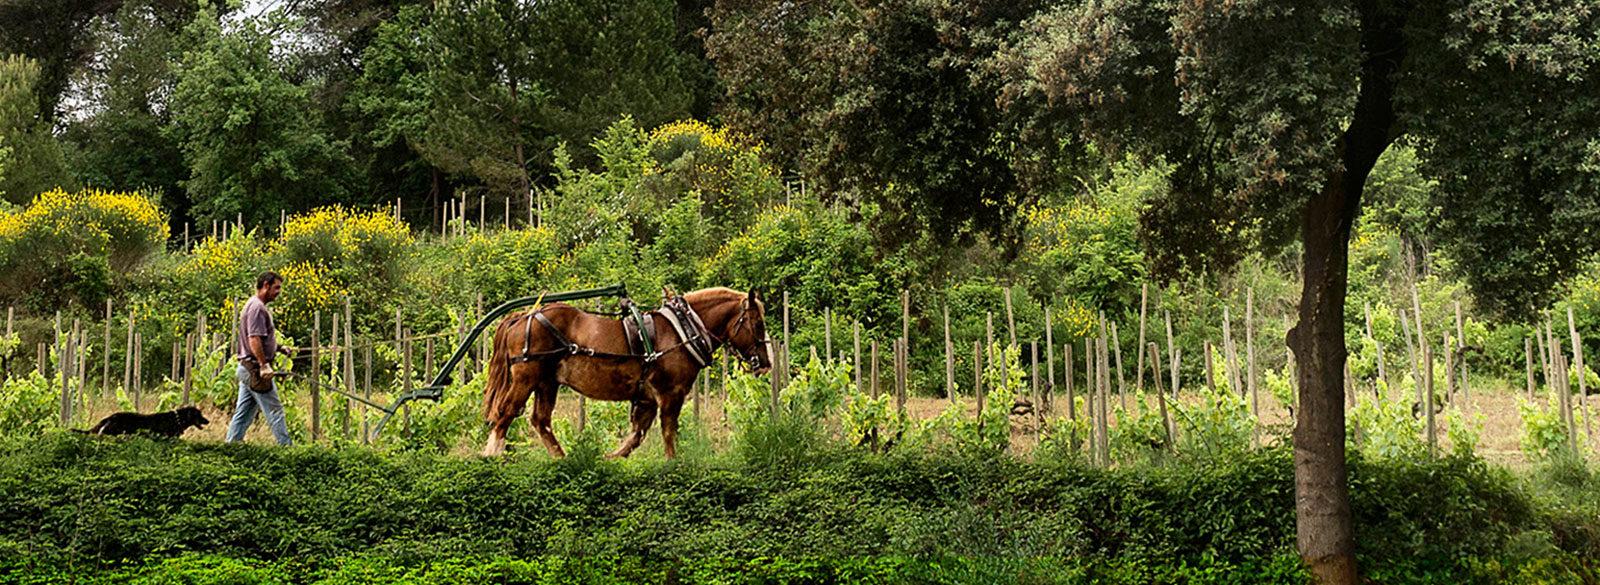 Futuro viñador, la revolución silenciosa del viñedo español